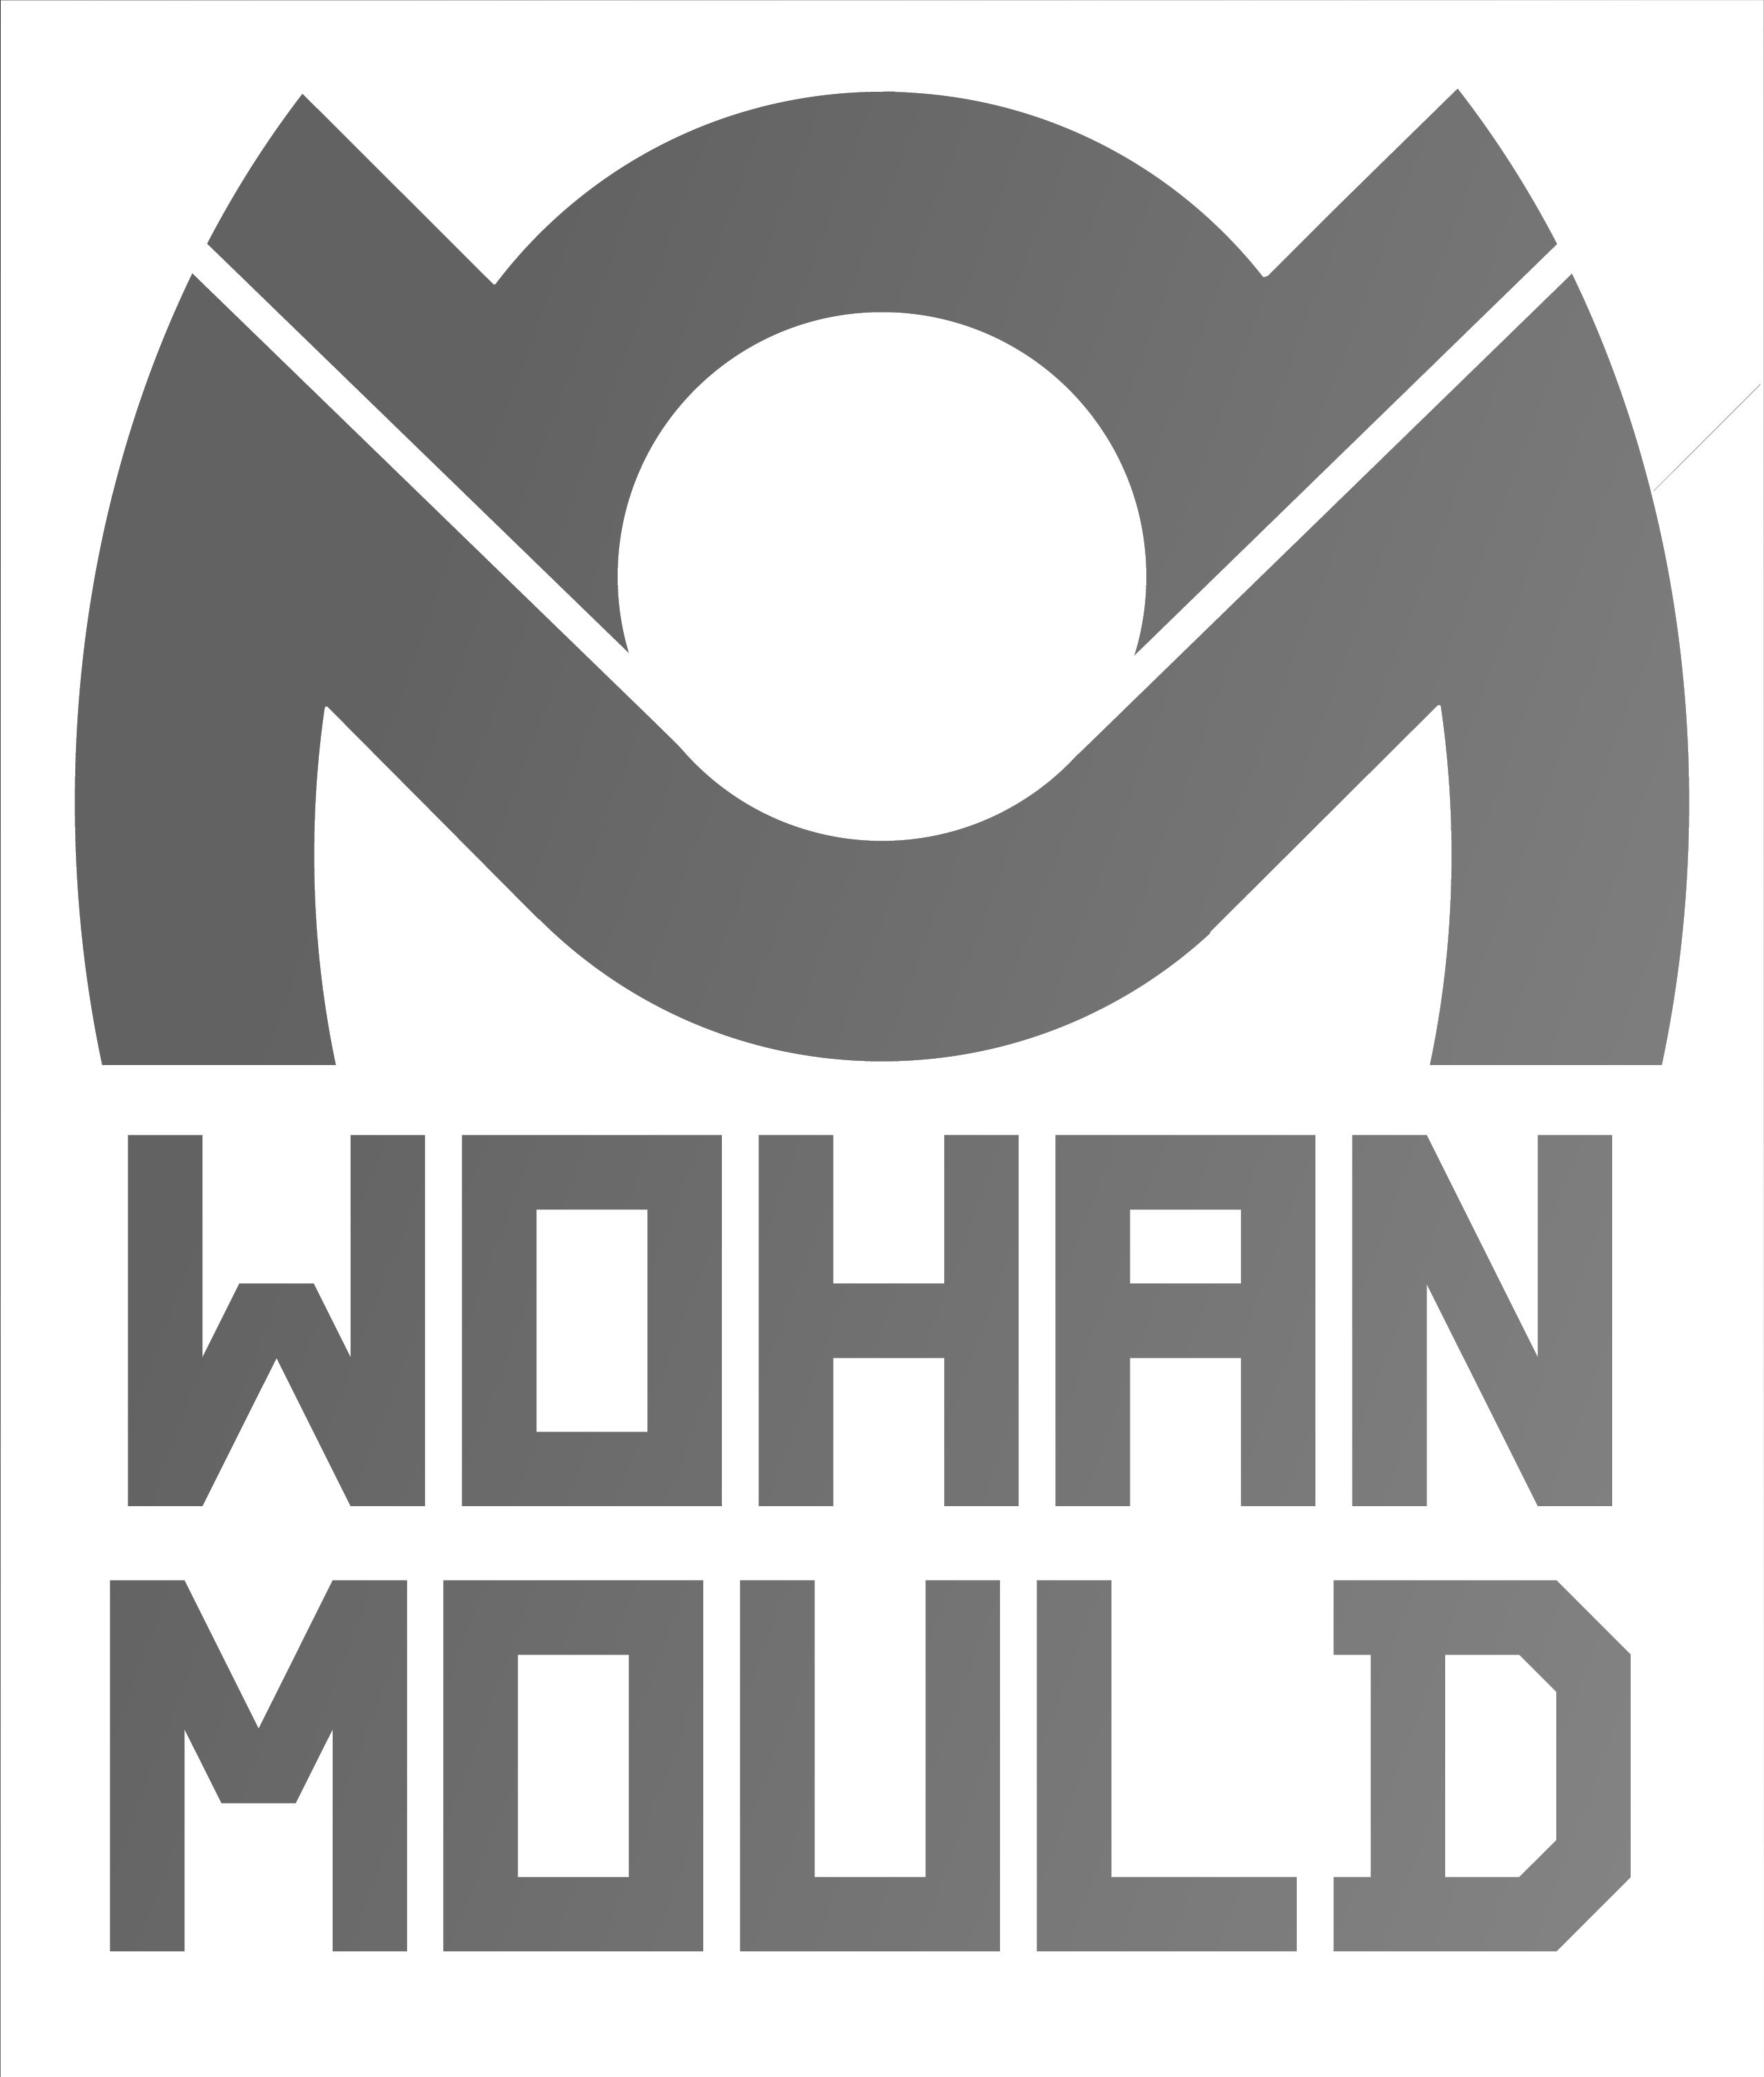 Создать логотип для фабрики пресс-форм фото f_9875996c69c26fcd.png